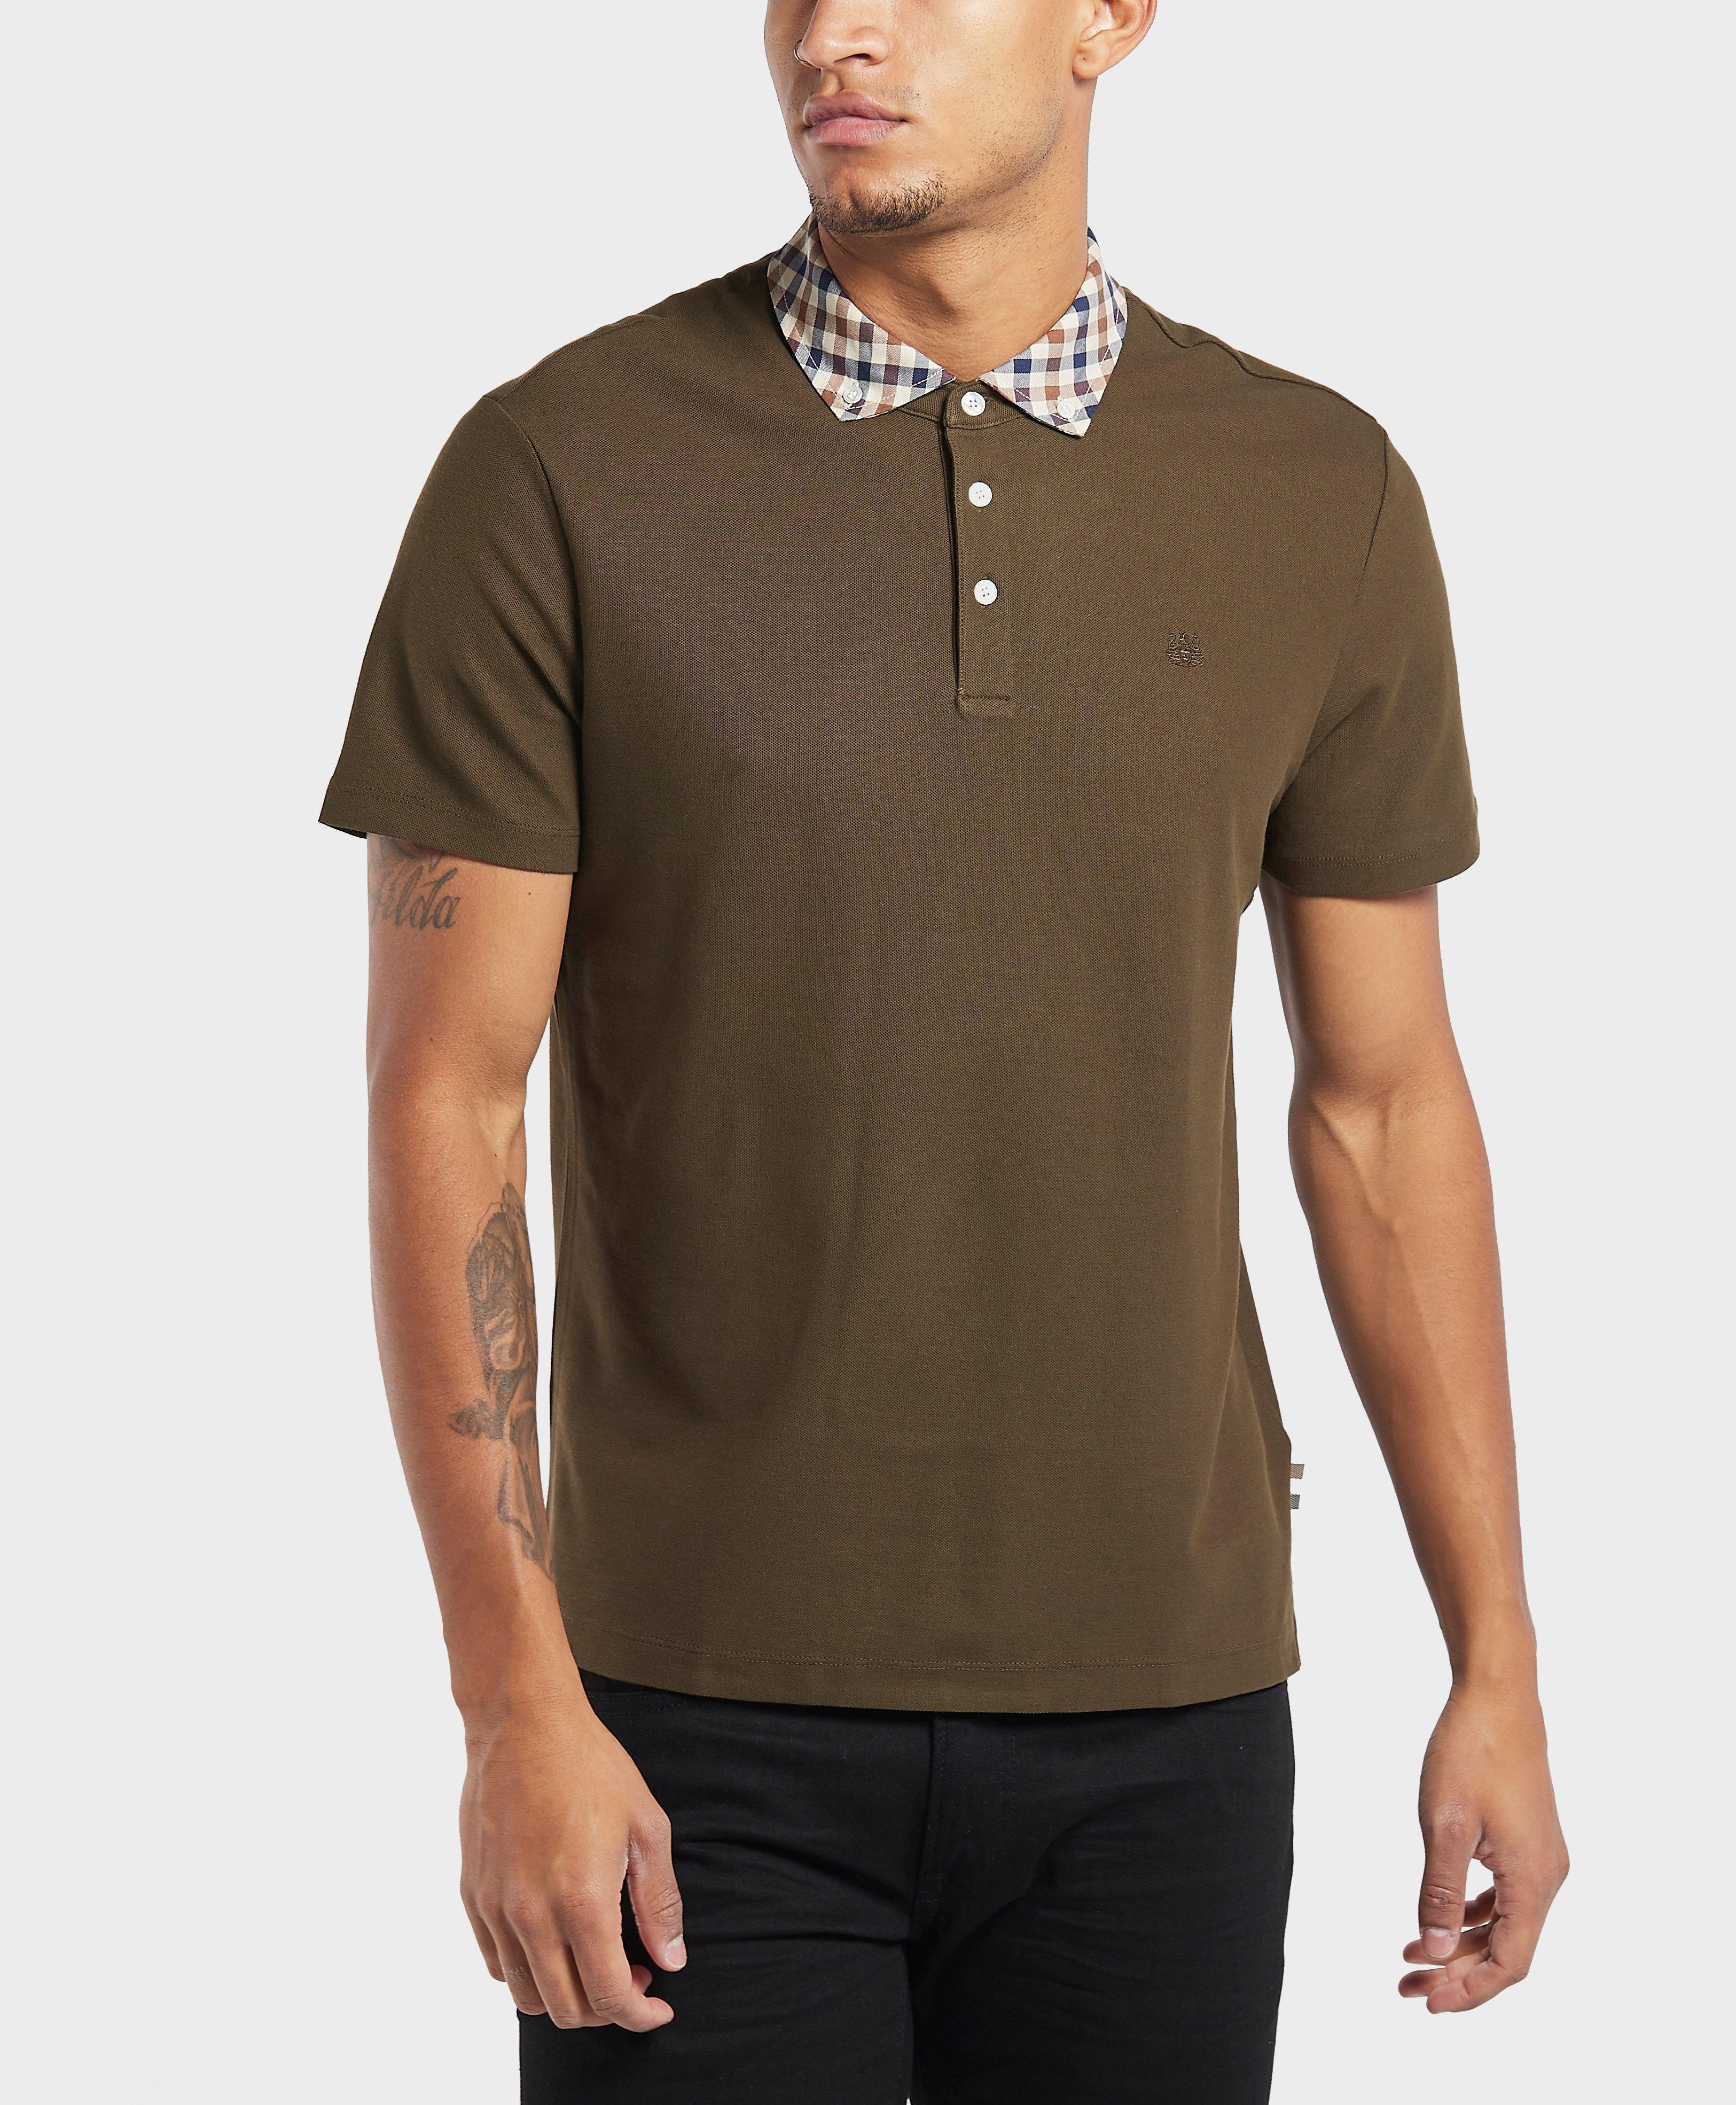 014a1cb86 Aquascutum Club Check Collar Short Sleeve Polo Shirt for Men - Lyst